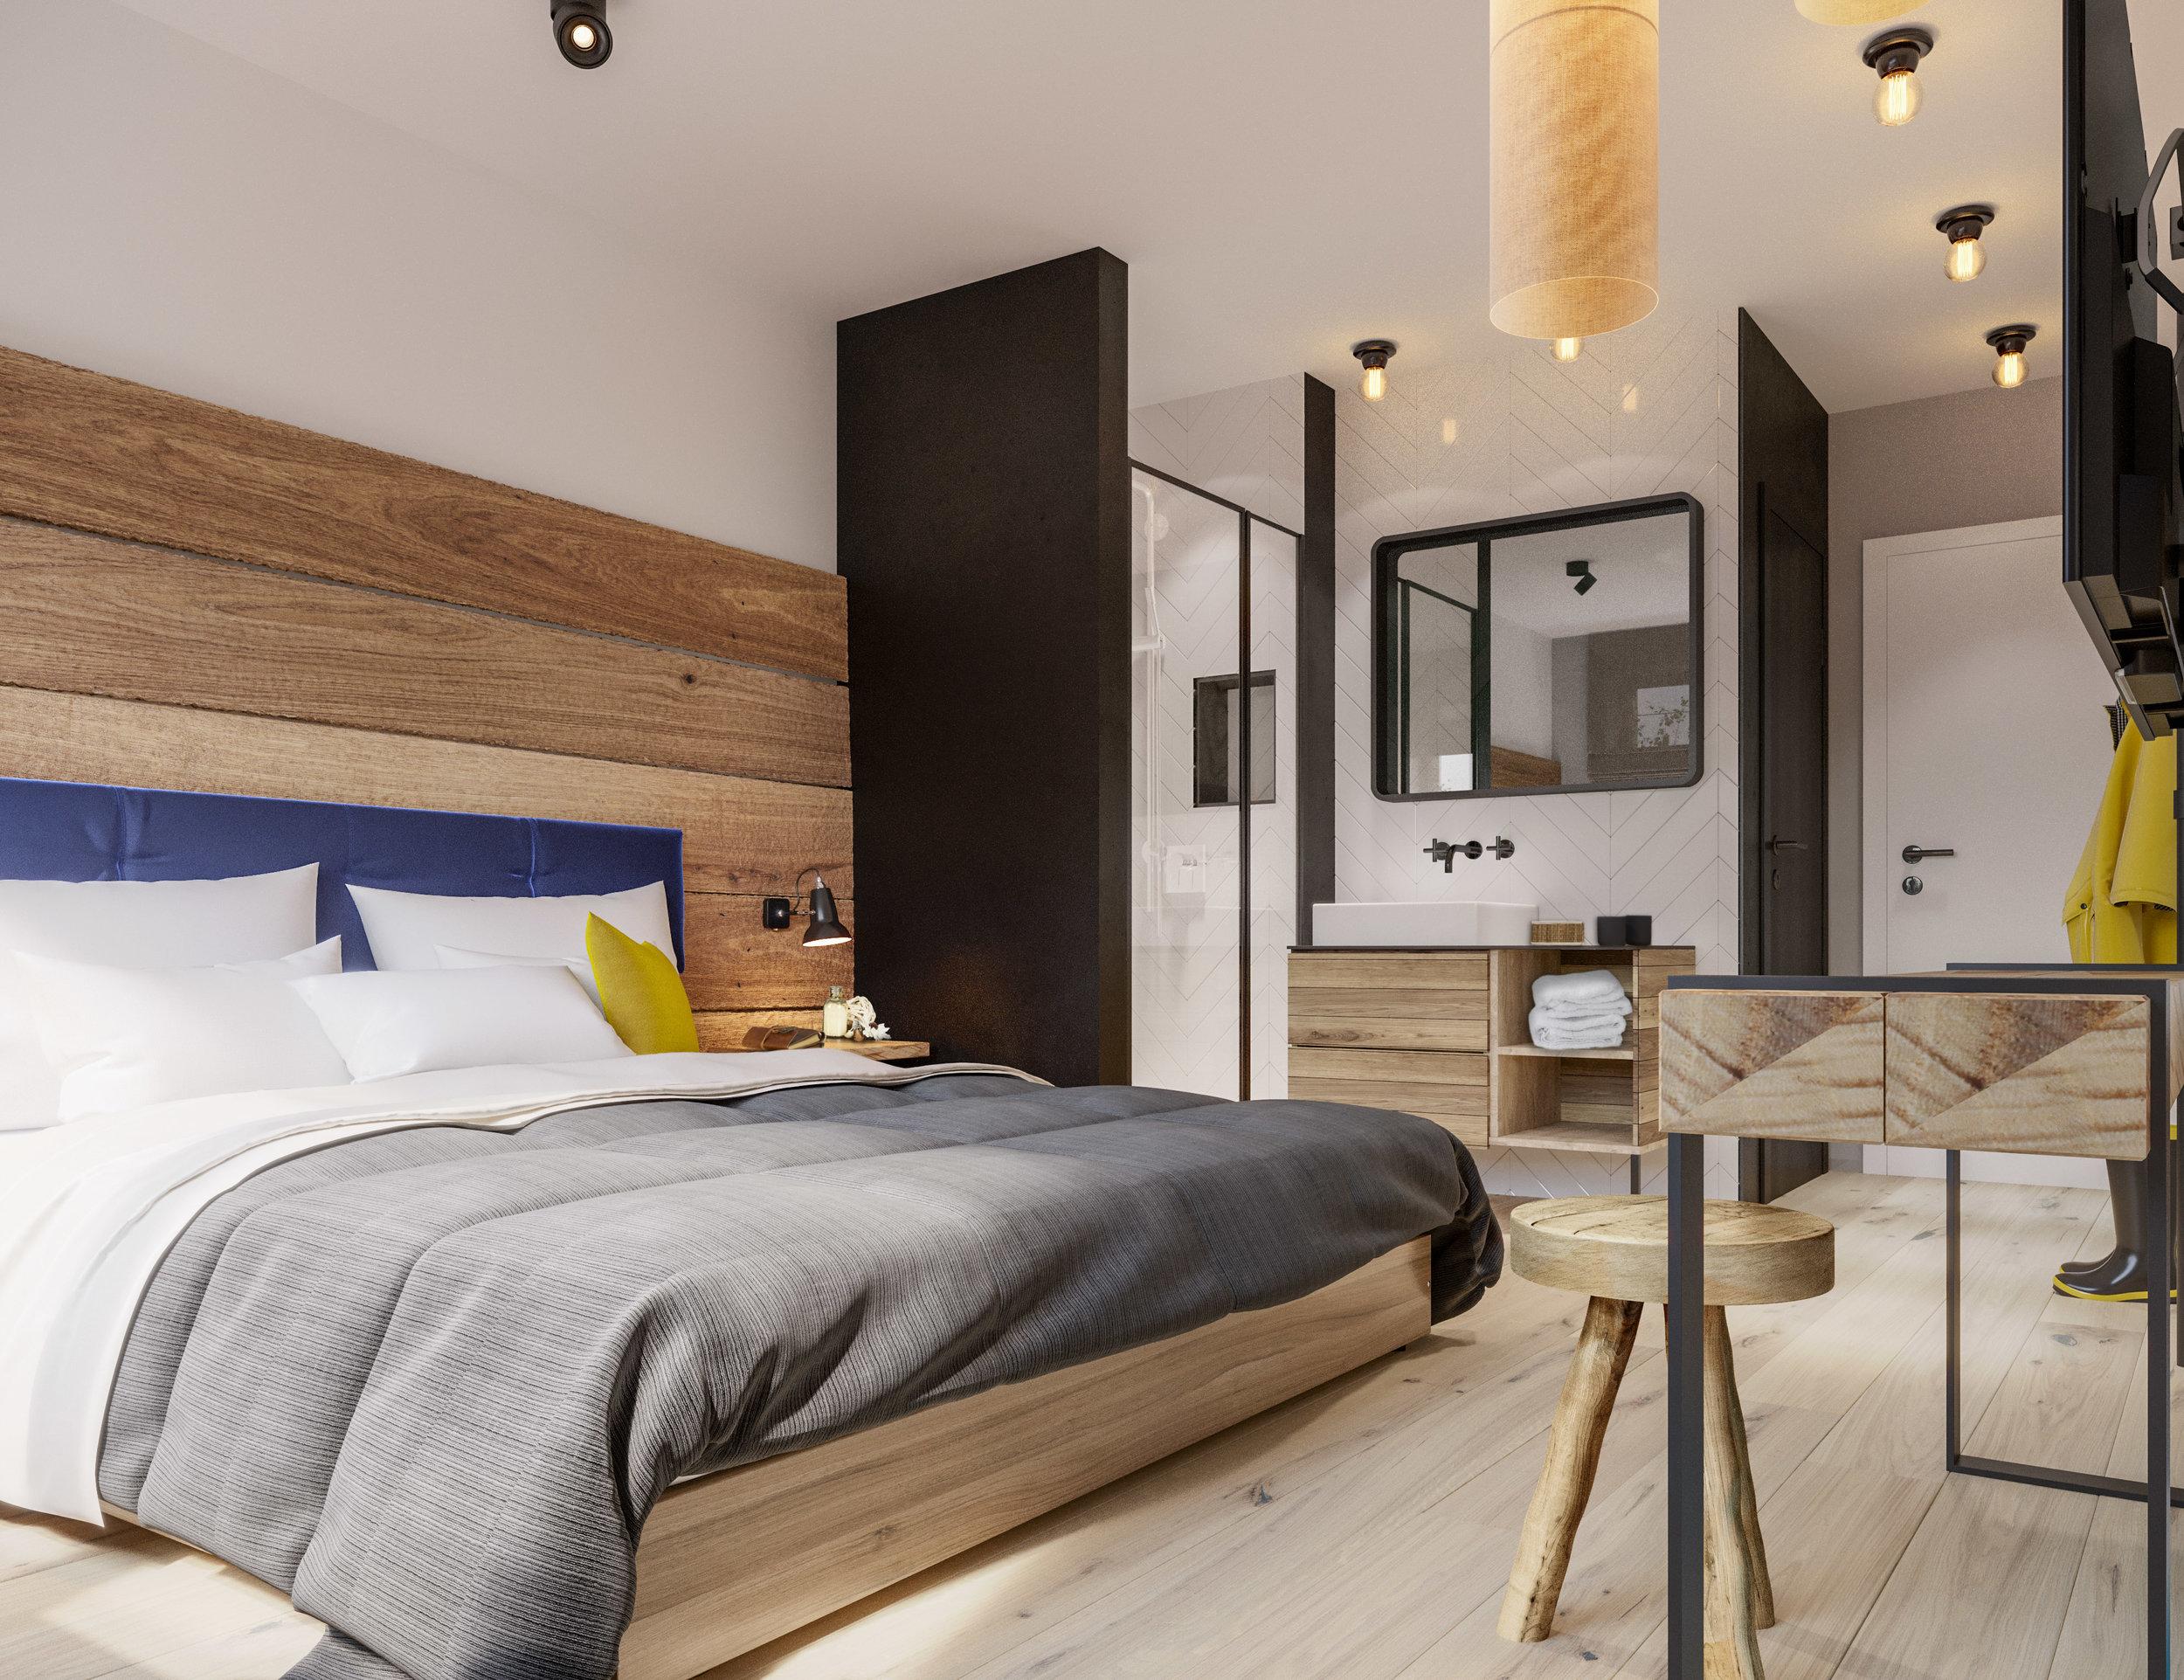 Hotel_Landhafen_Bild_1.jpg